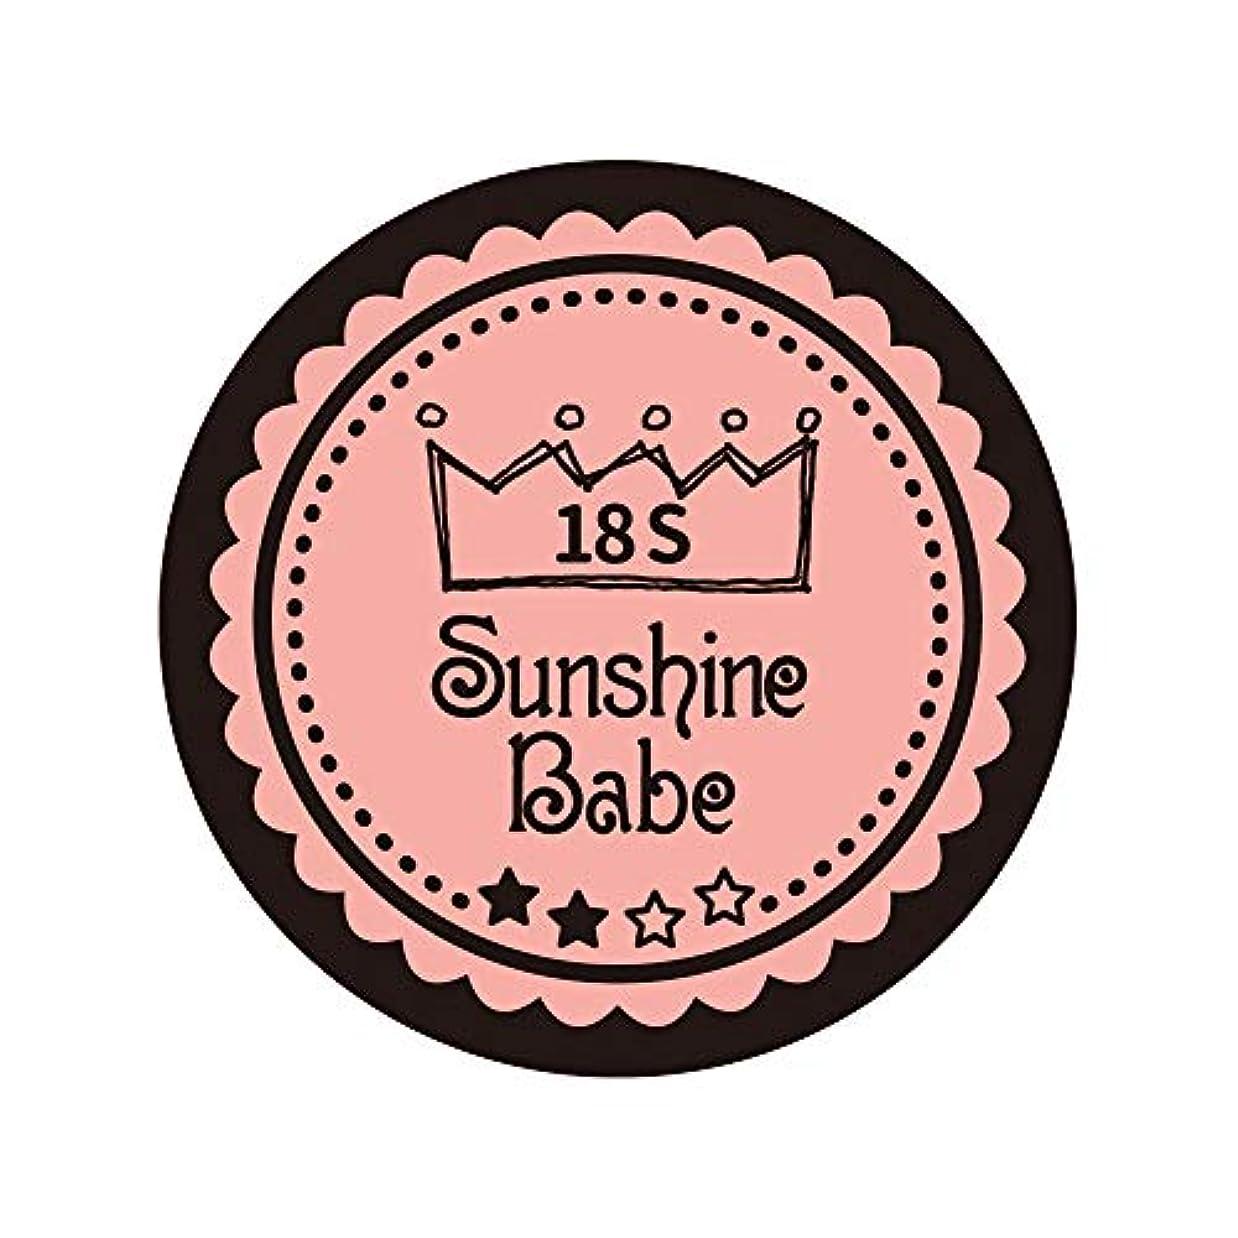 プロペラアルバム戦闘Sunshine Babe コスメティックカラー 18S ロマンティックベリー 4g UV/LED対応